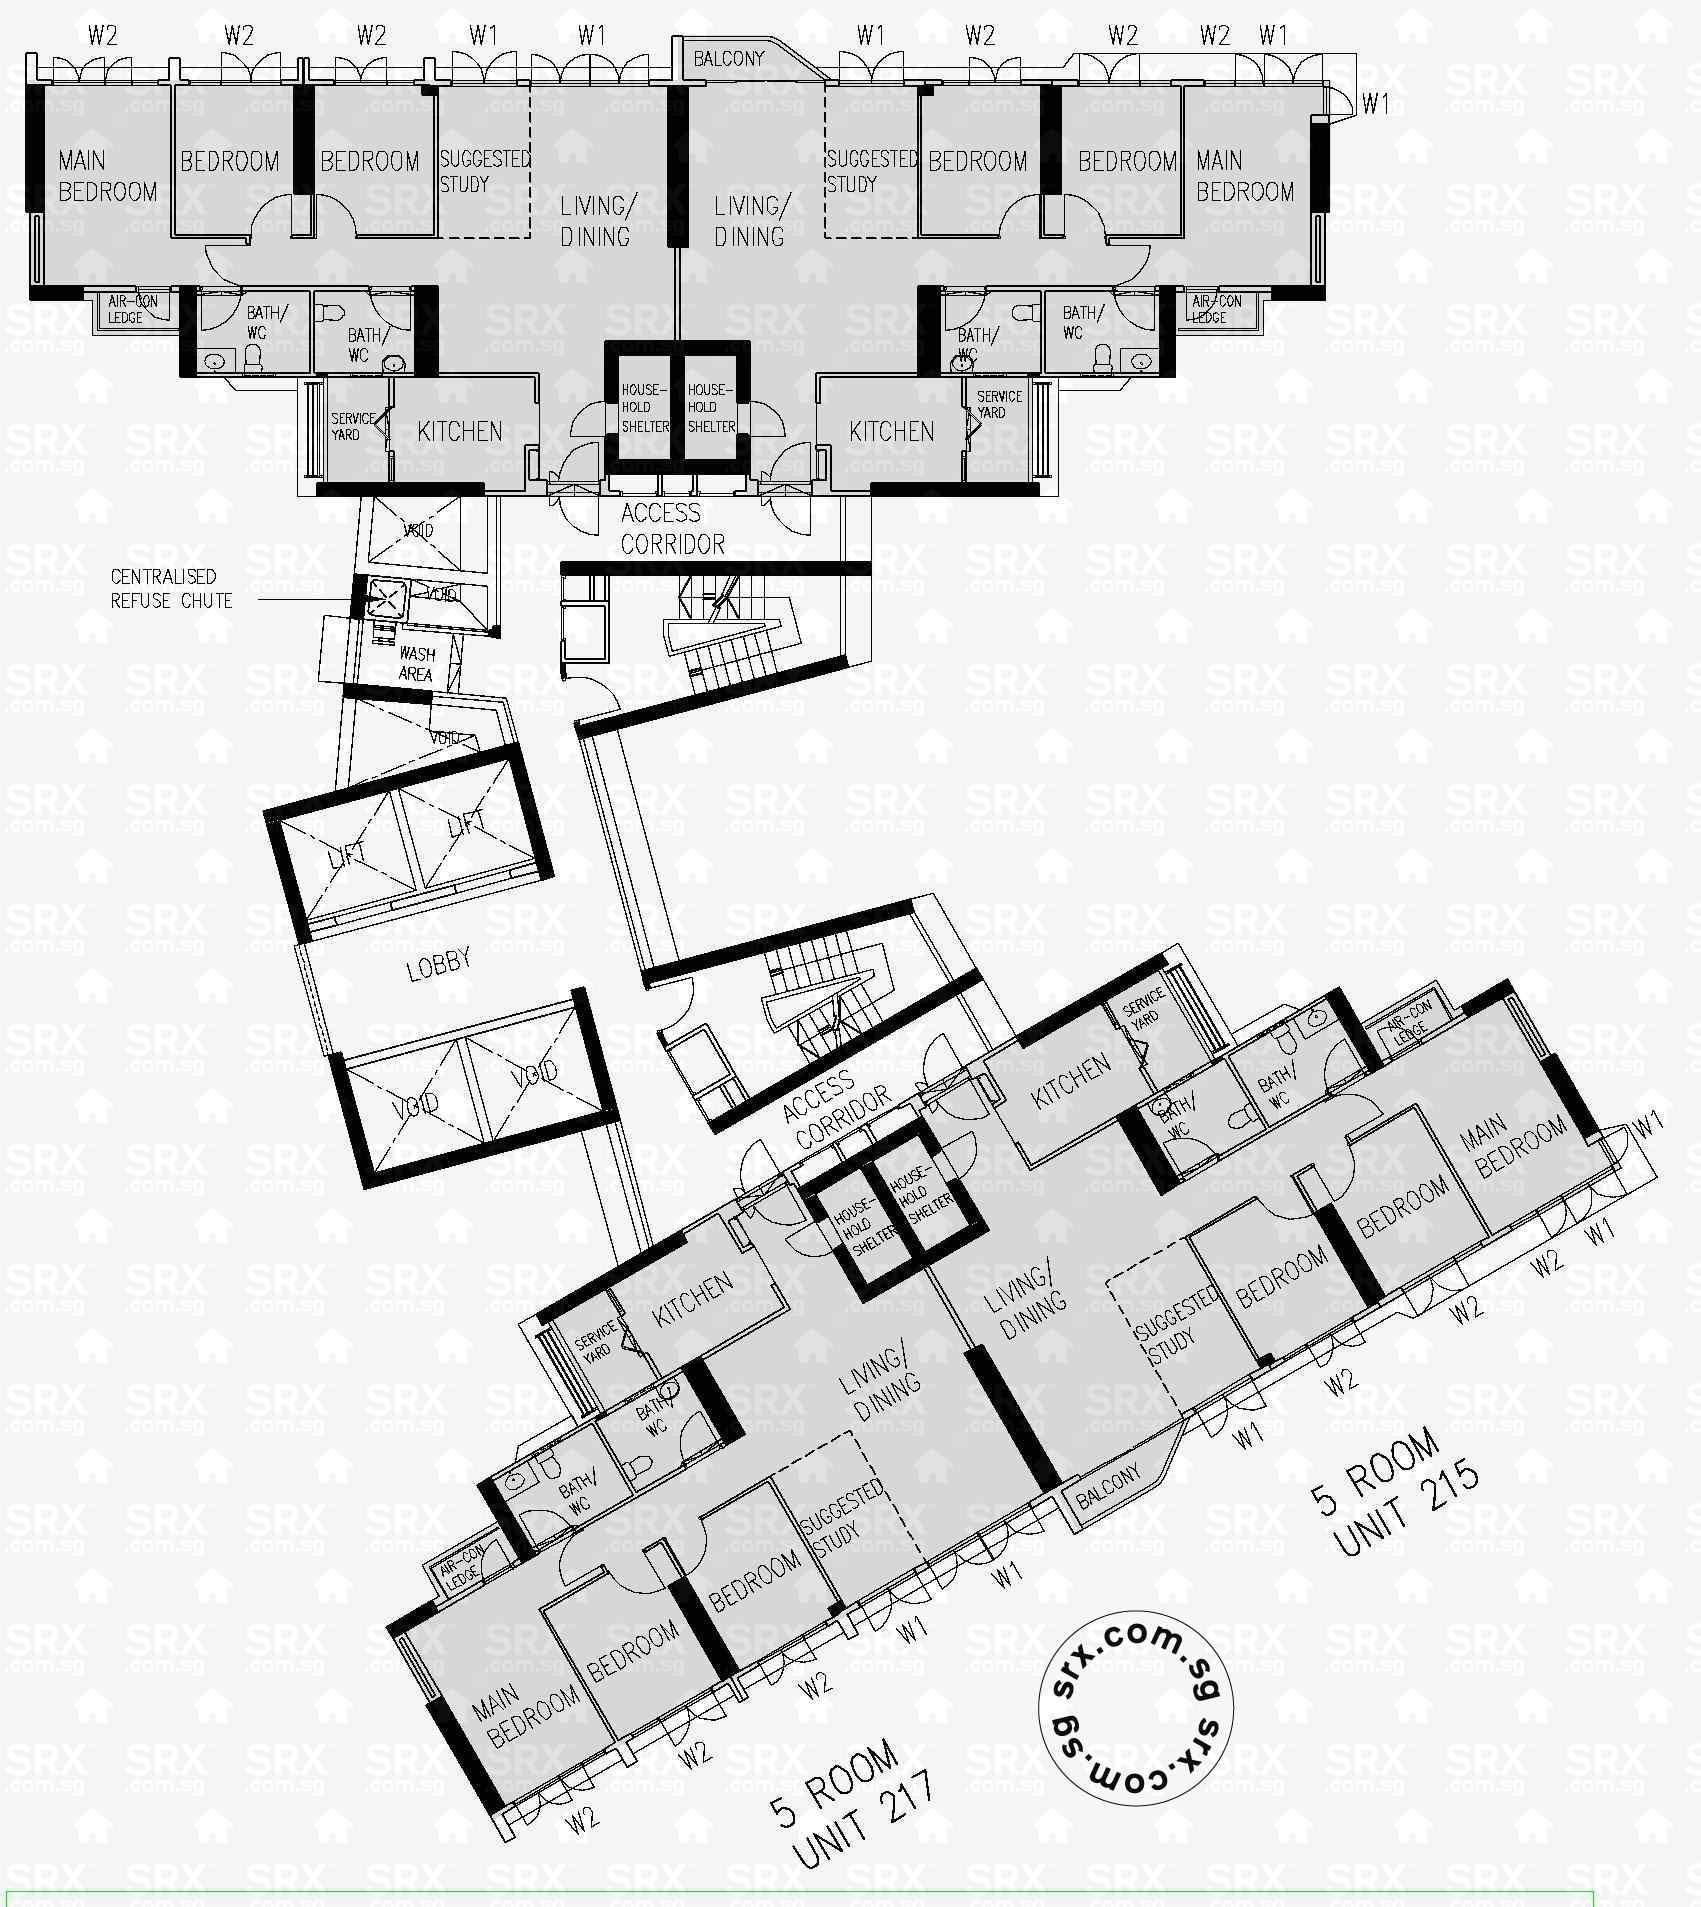 avenue  woodlands avenue  hdb details srx property floor plan  - bukit batok west avenue hdb details srx property